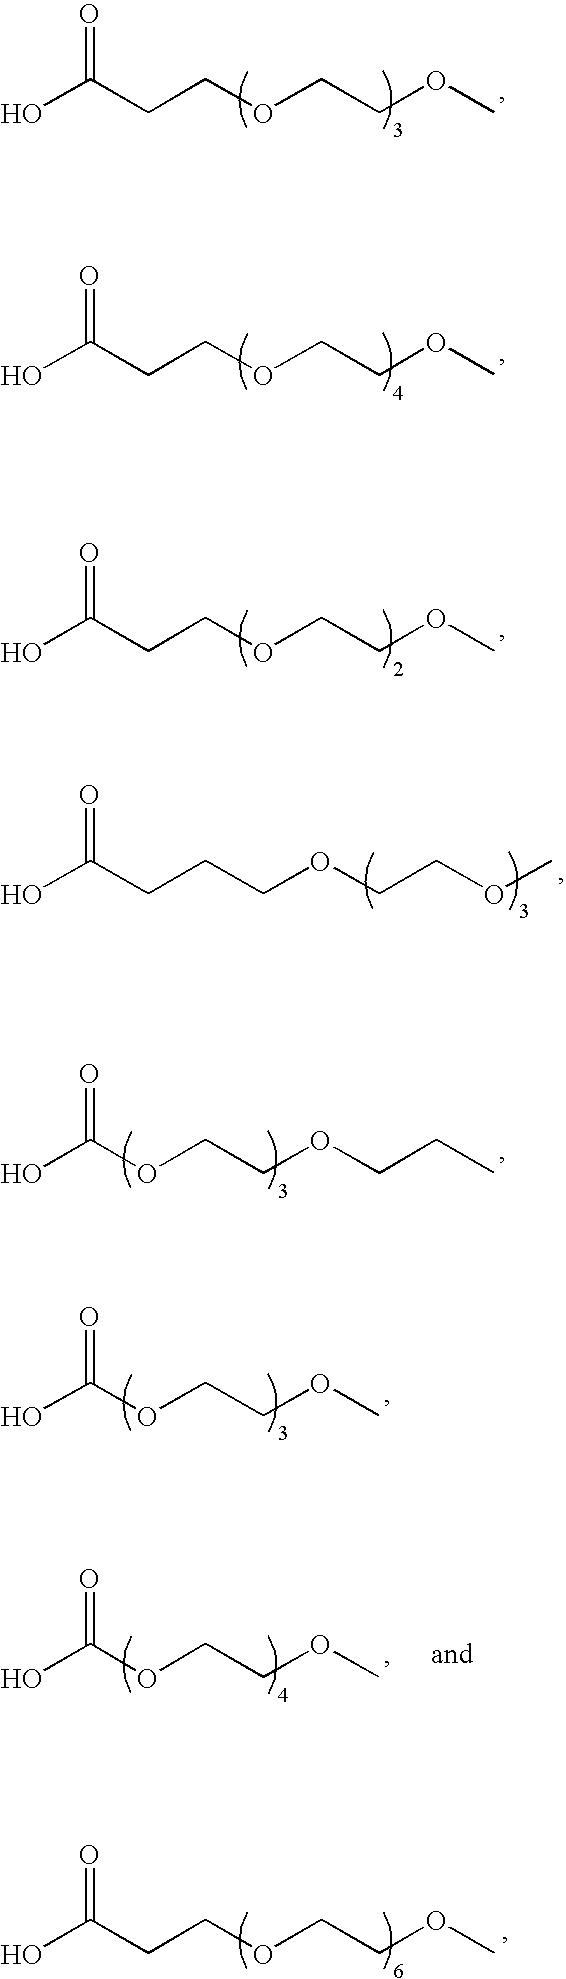 Figure US20060018874A1-20060126-C00014